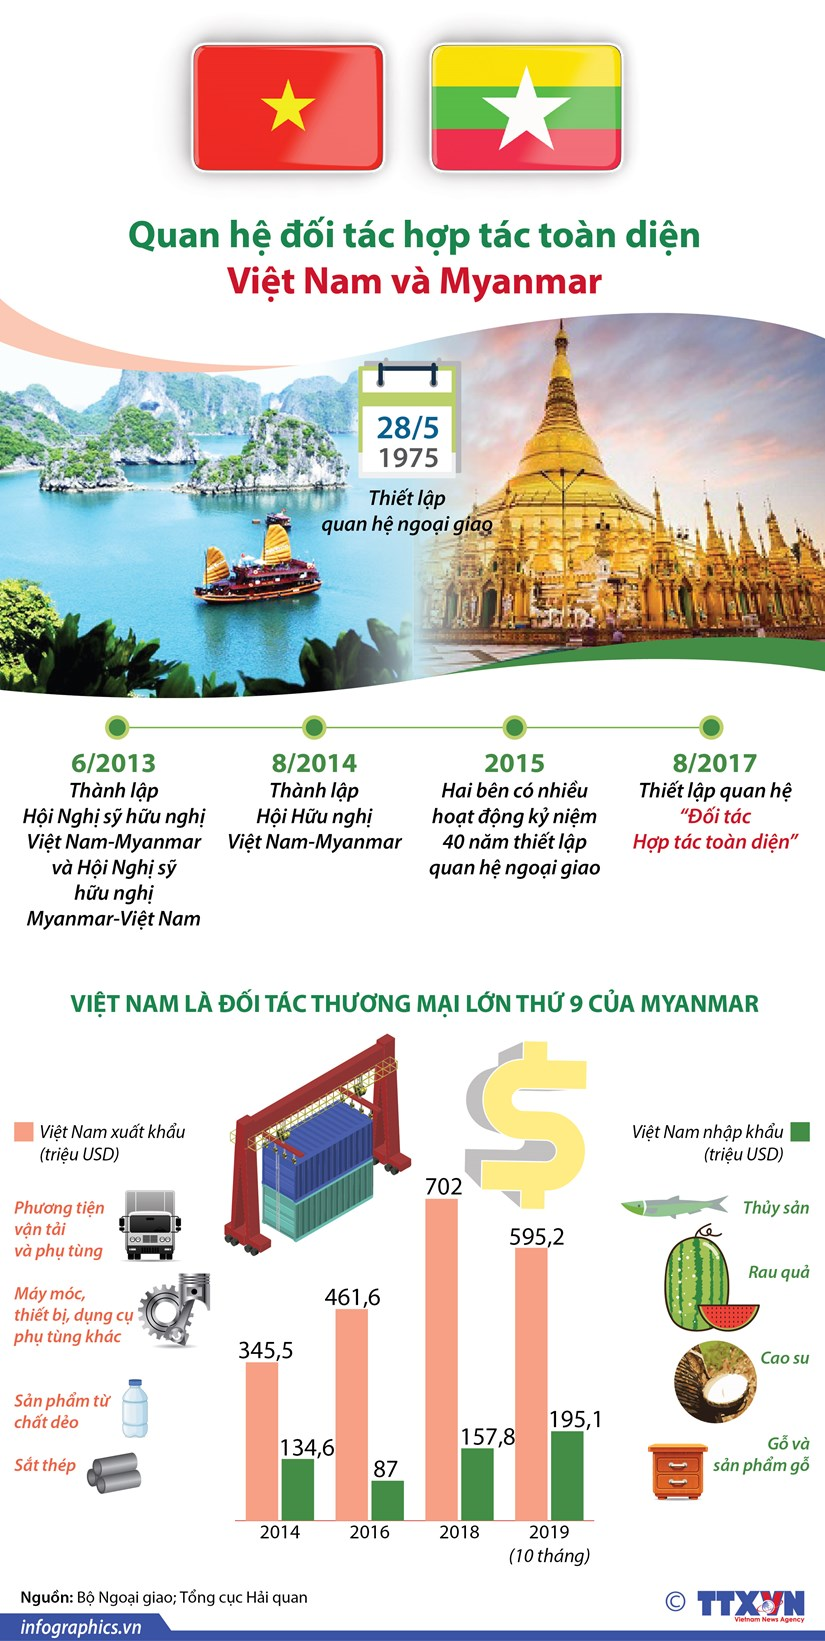 [Infographics] Quan he doi tac hop tac toan dien Viet Nam va Myanmar hinh anh 1